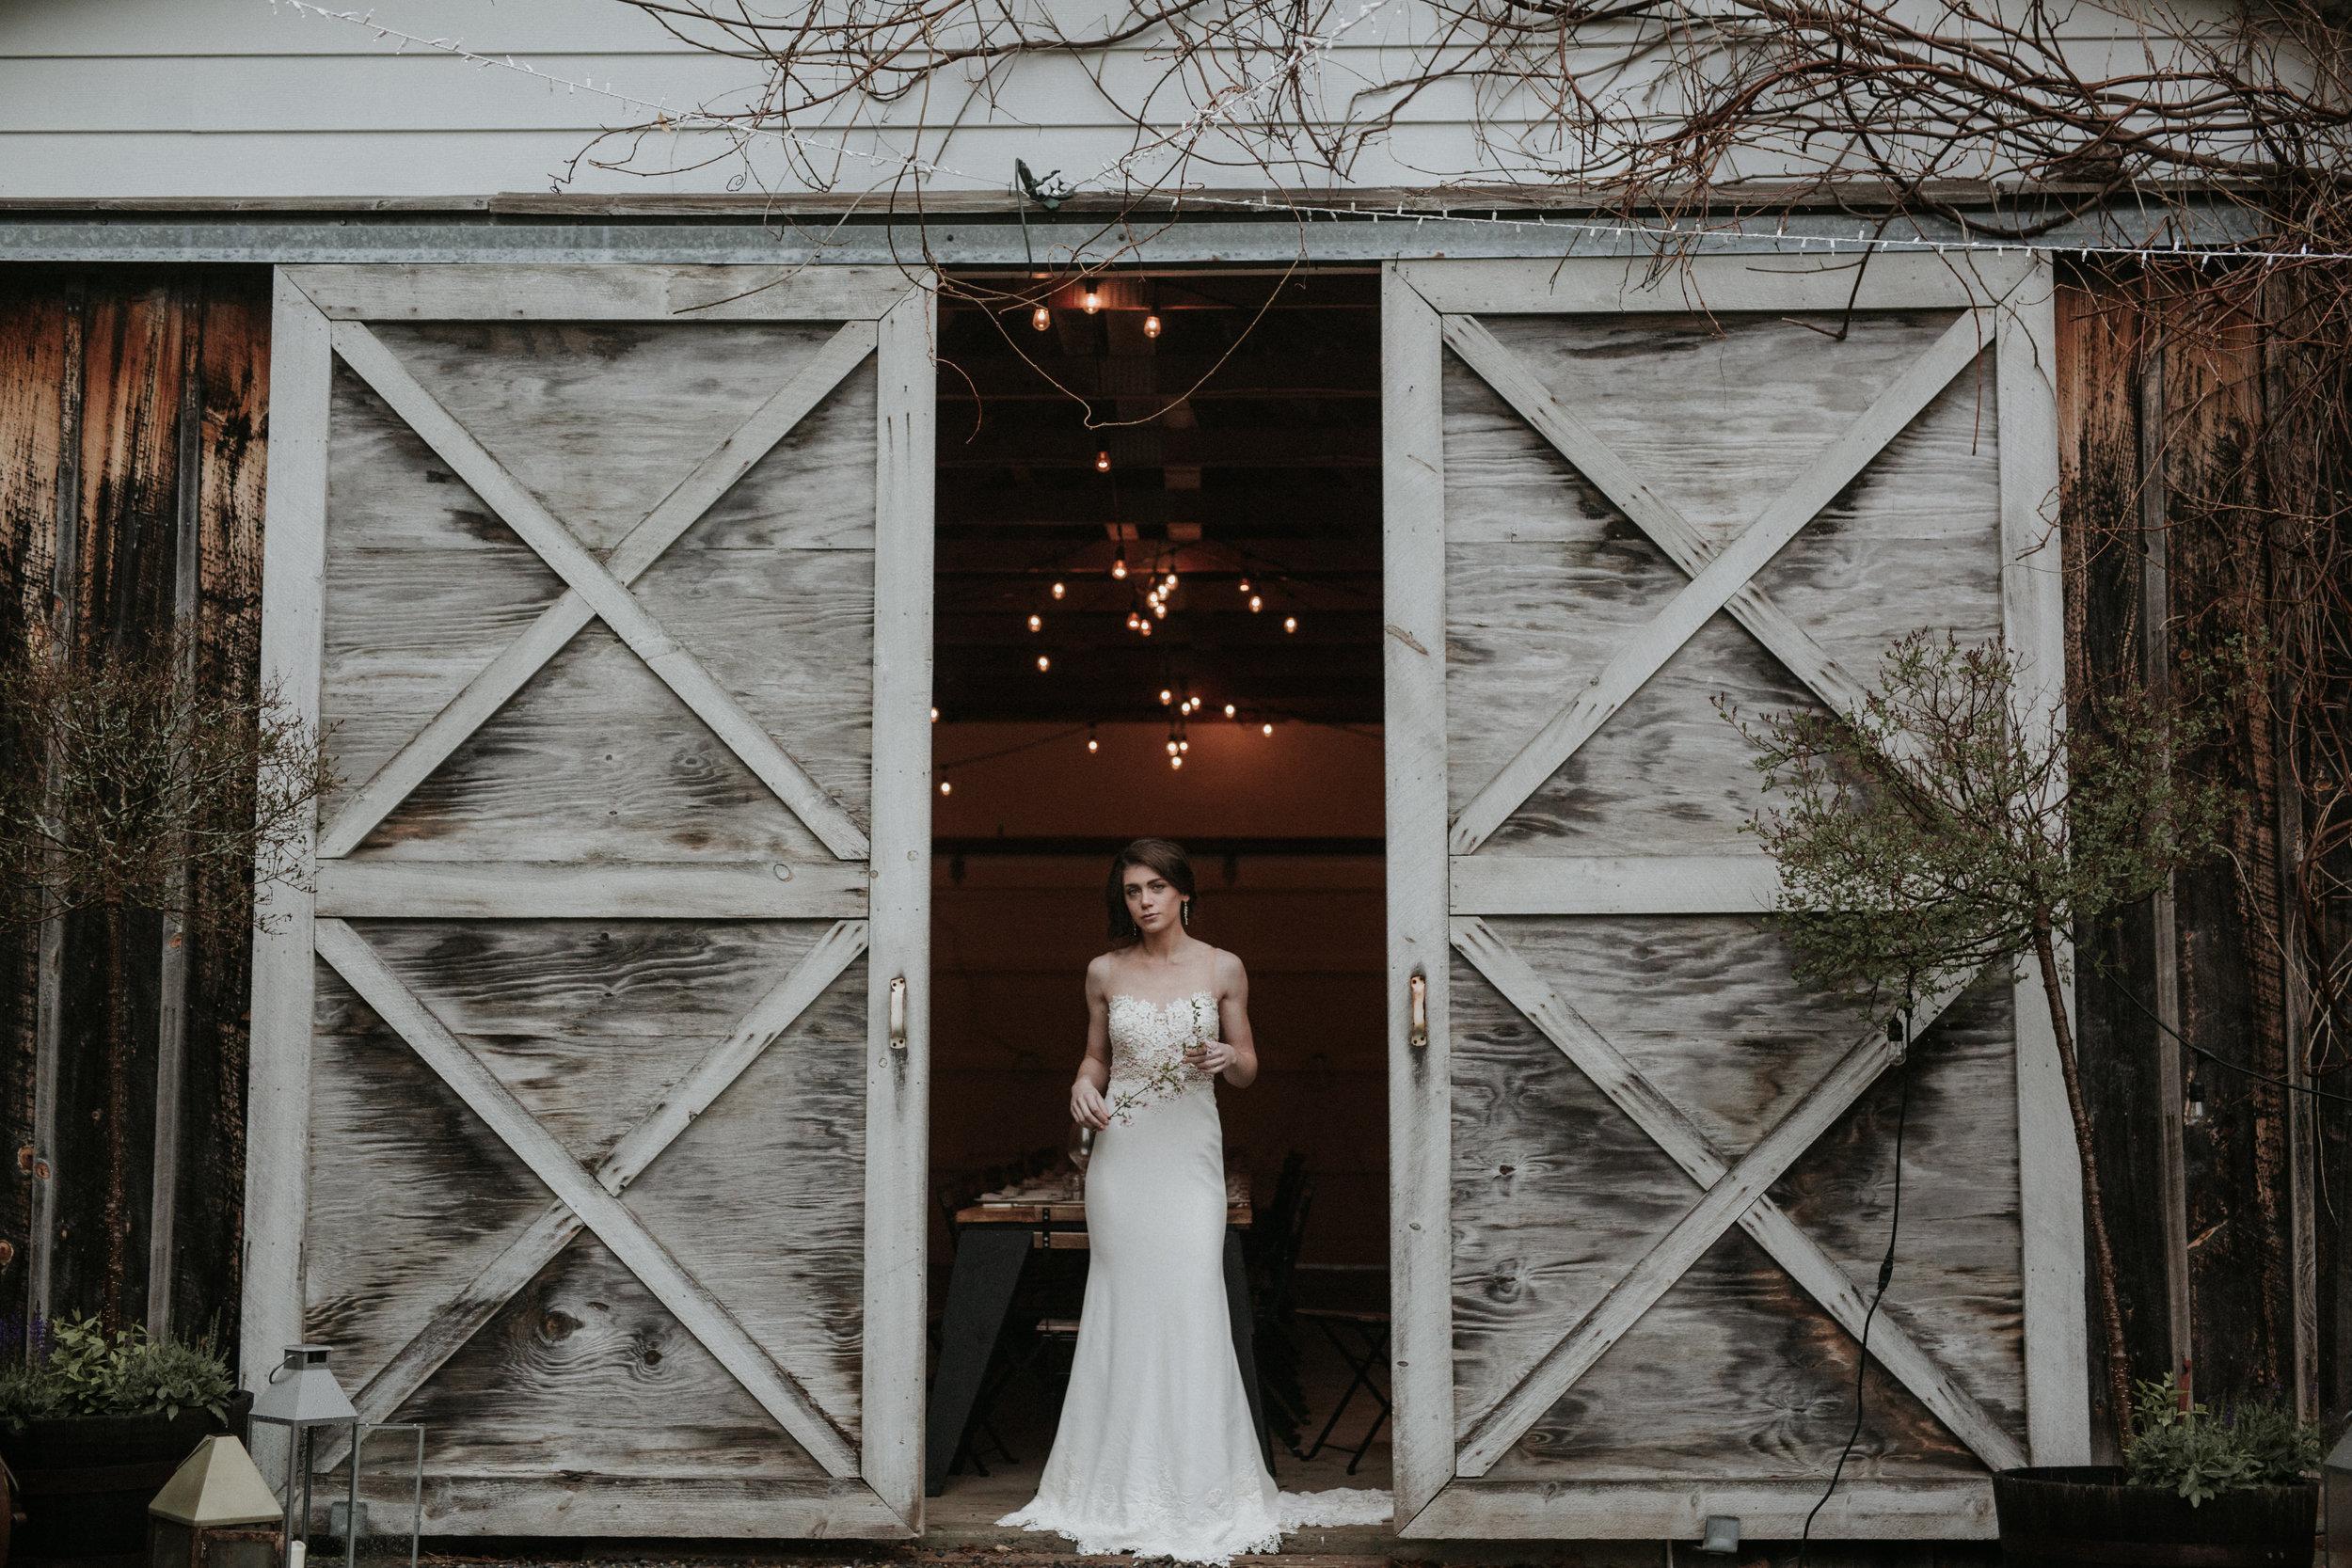 mnd_farm_westerlo_wedding0021.JPG